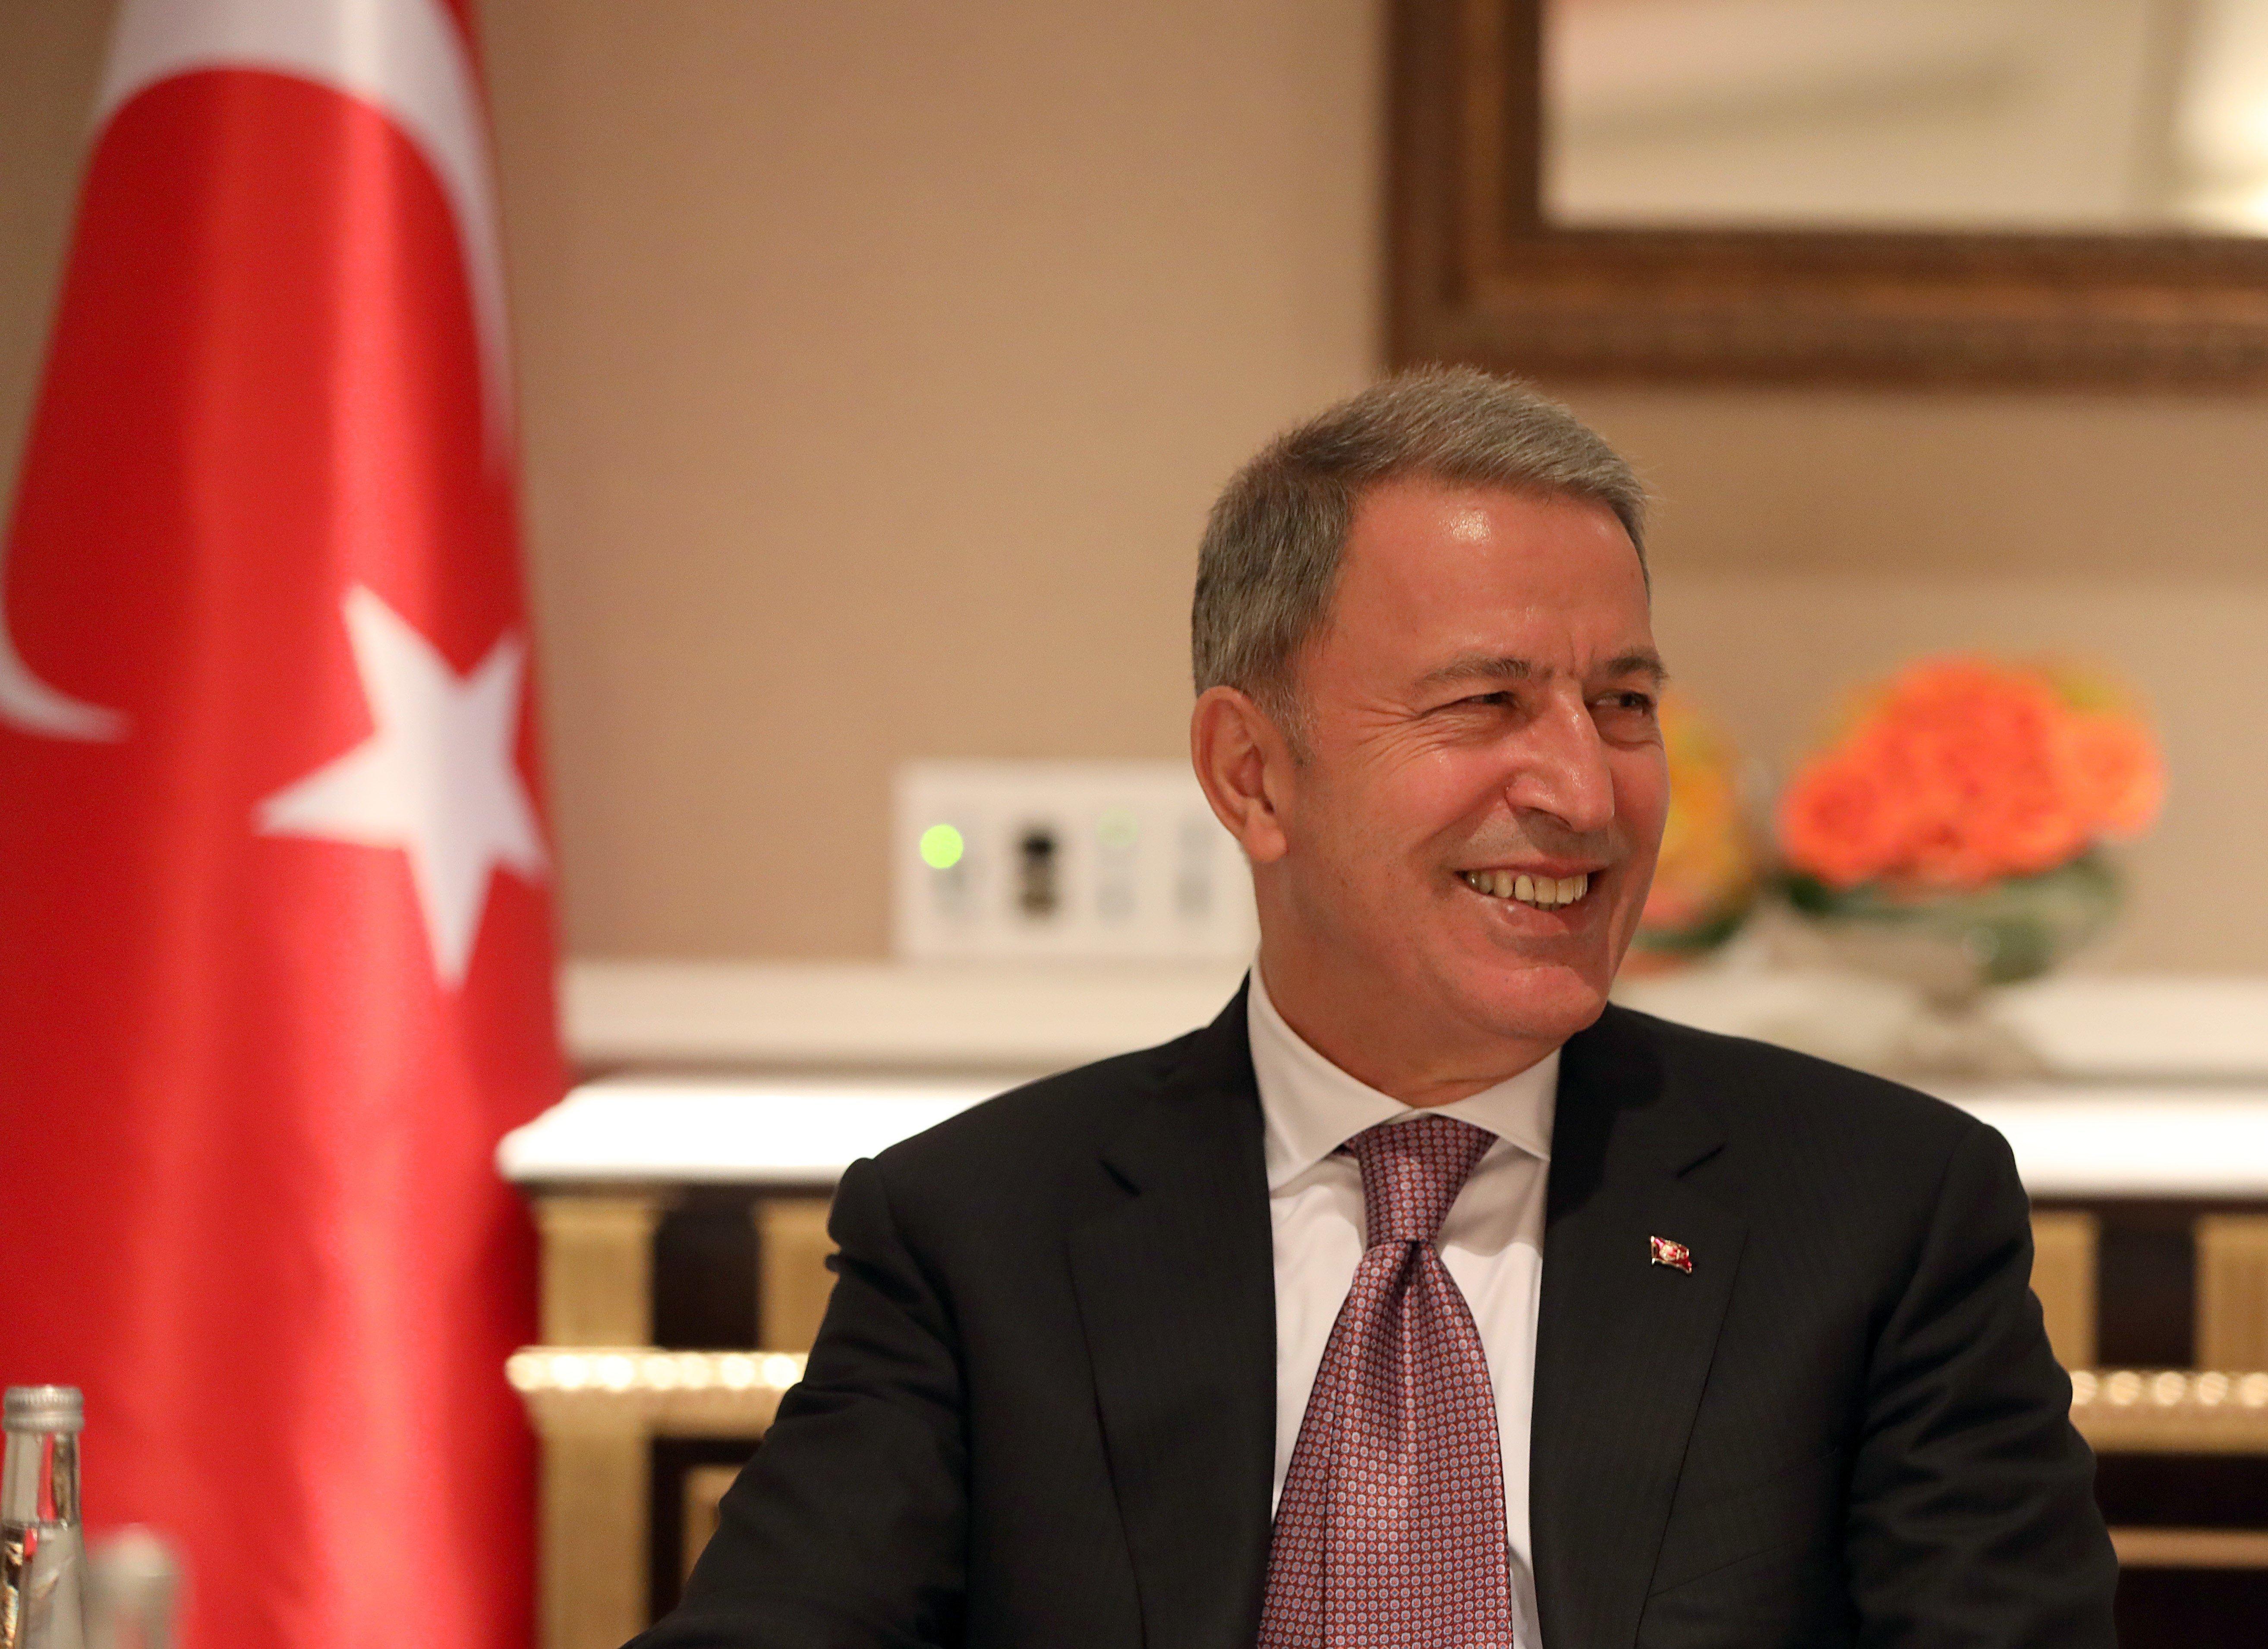 Ο Τούρκος υπουργός Άμυνας ζητά από τον Αποστολάκη να αποστρατιωτικοποιηθούν τα νησιά του